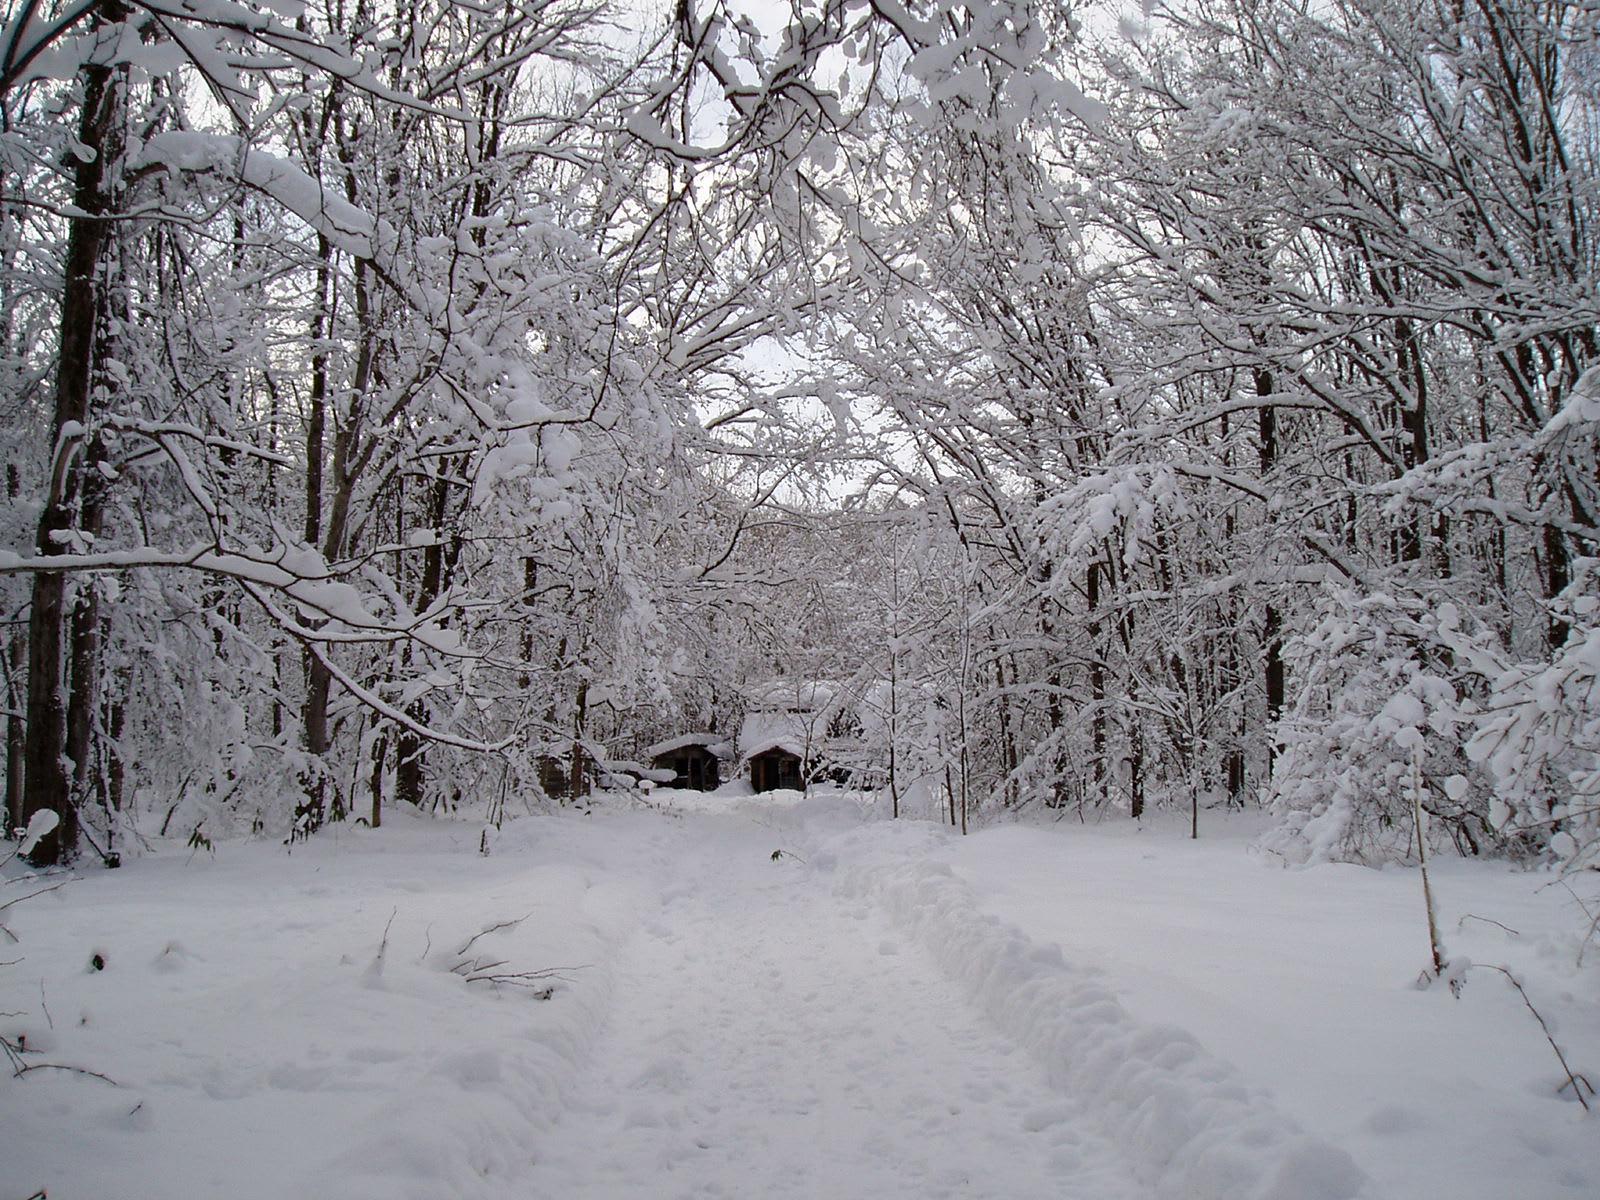 冬の「麓郷の森」 - 猫と雪あか...